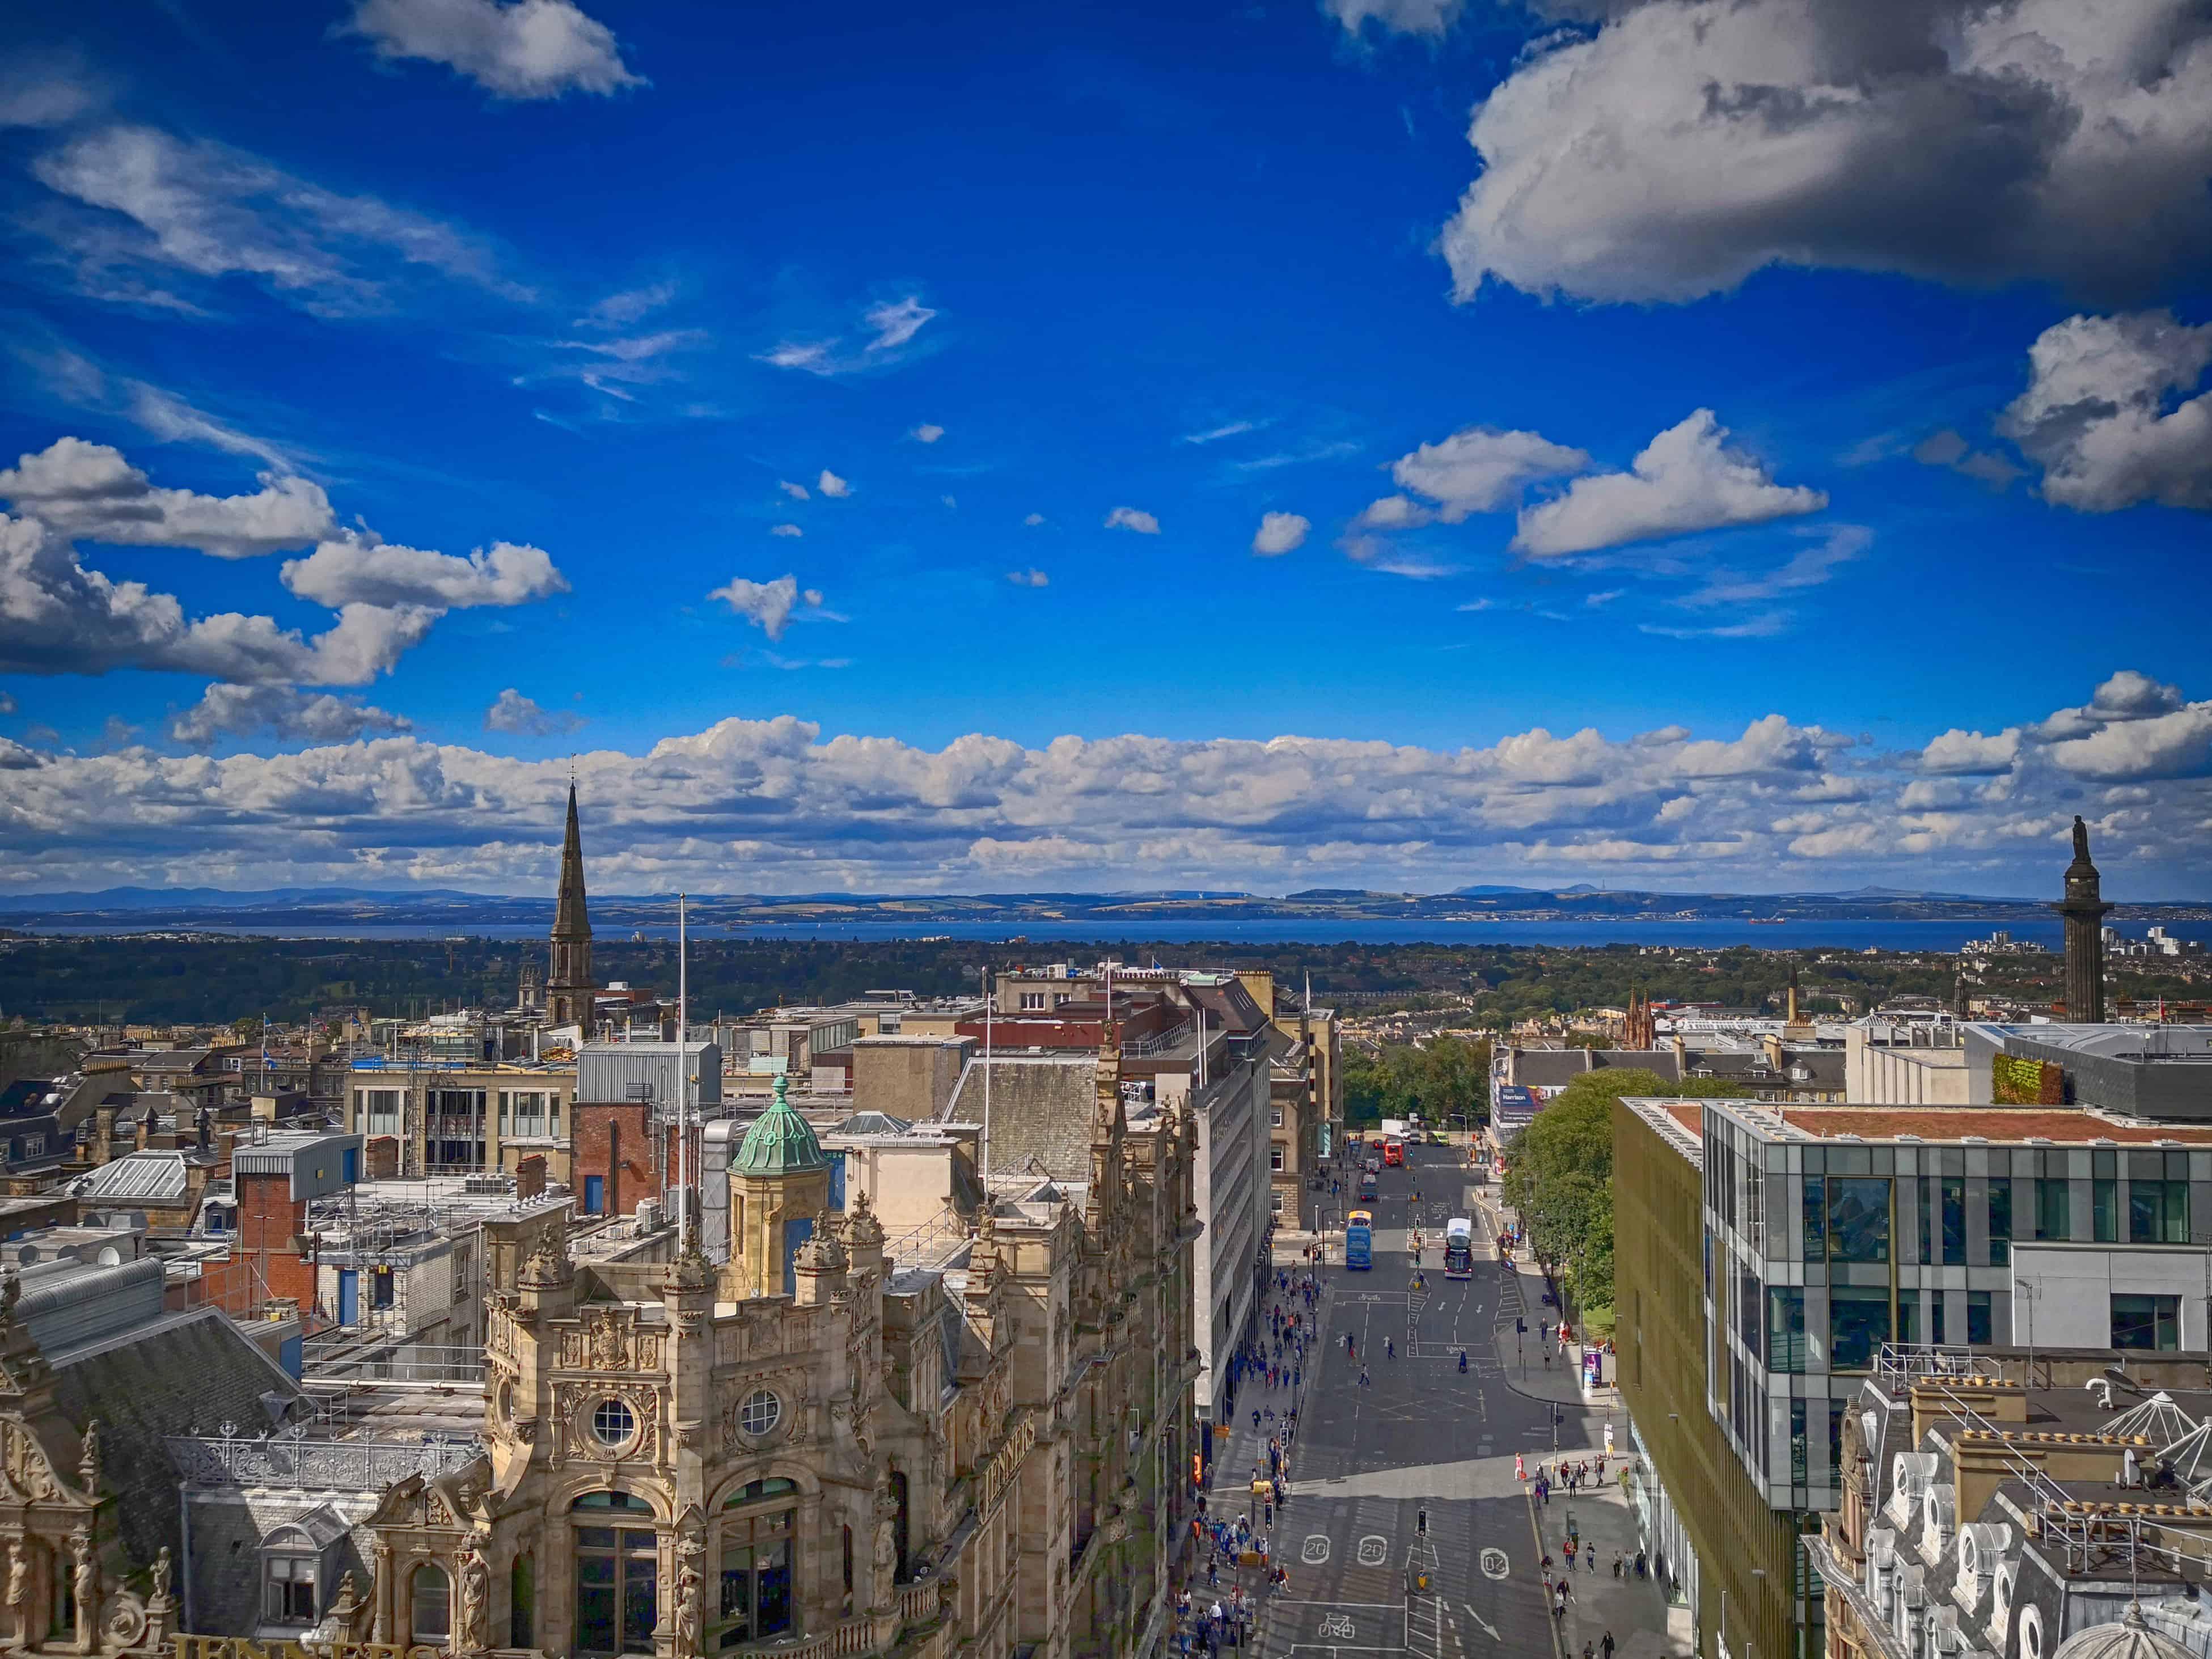 Φωτογραφίες από το Εδιμβούργο με το κινητό